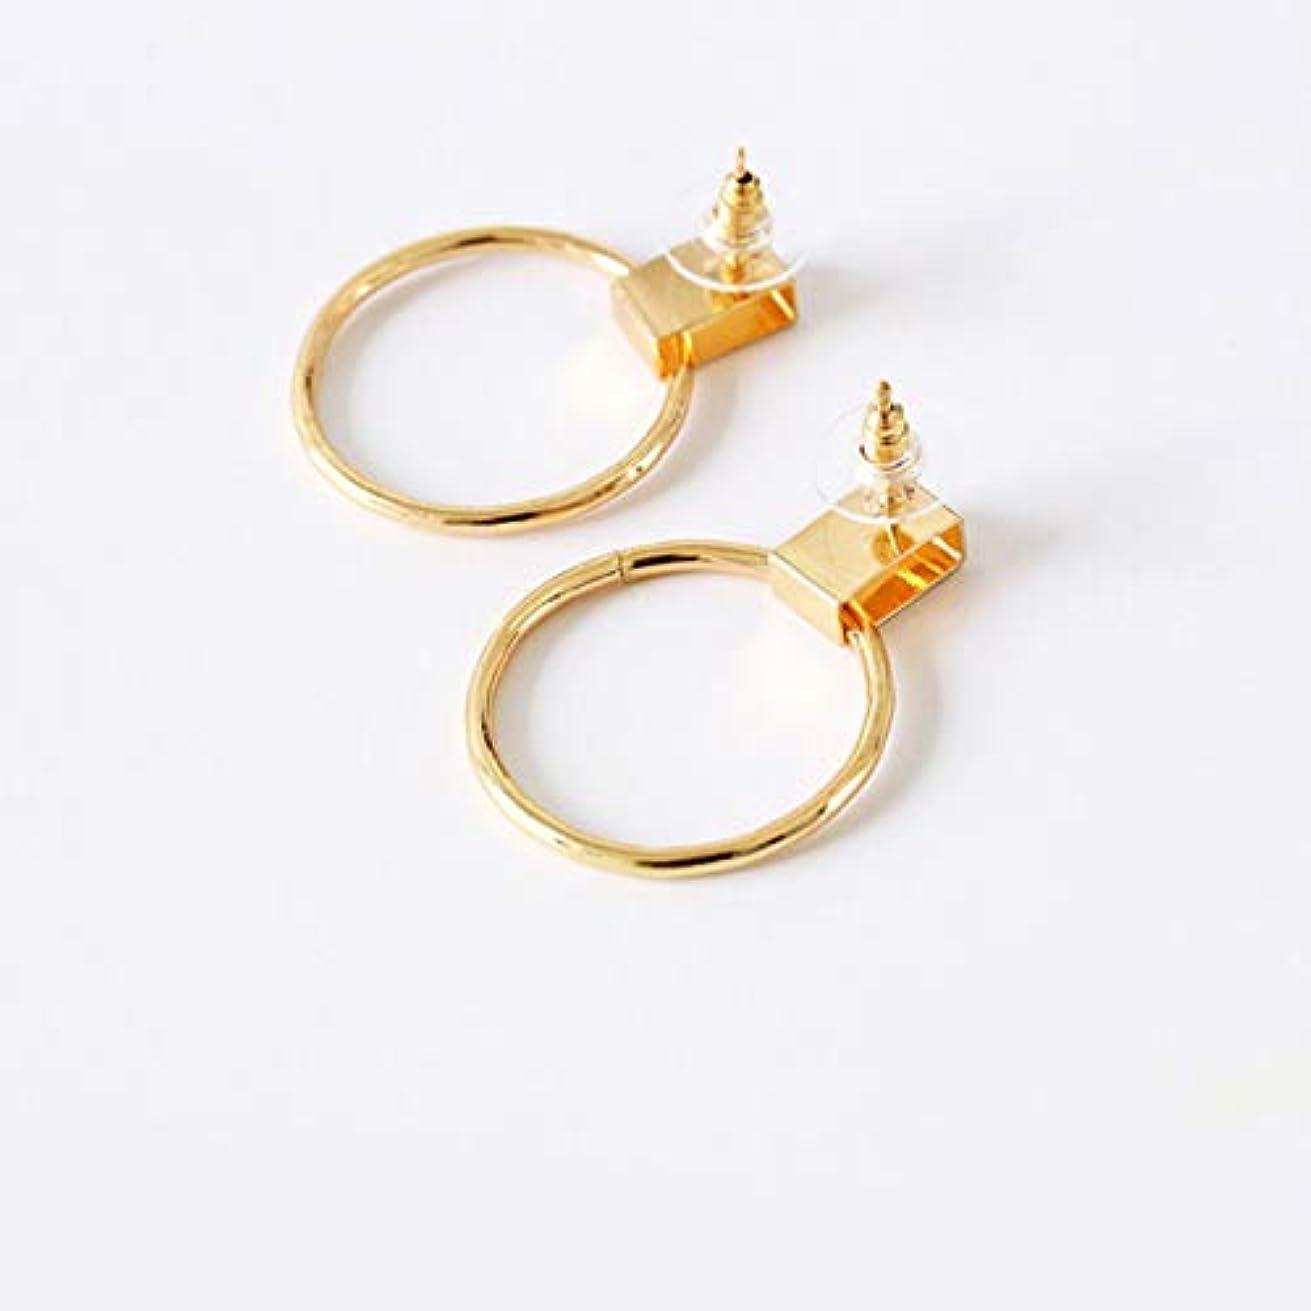 に向かってフェードアウトローズ17040369ファッションシンプルなスタイルの幾何学的な誇張ビッグサークル合金耳スタッドピアスメンズ銅耳リング-ゴールド